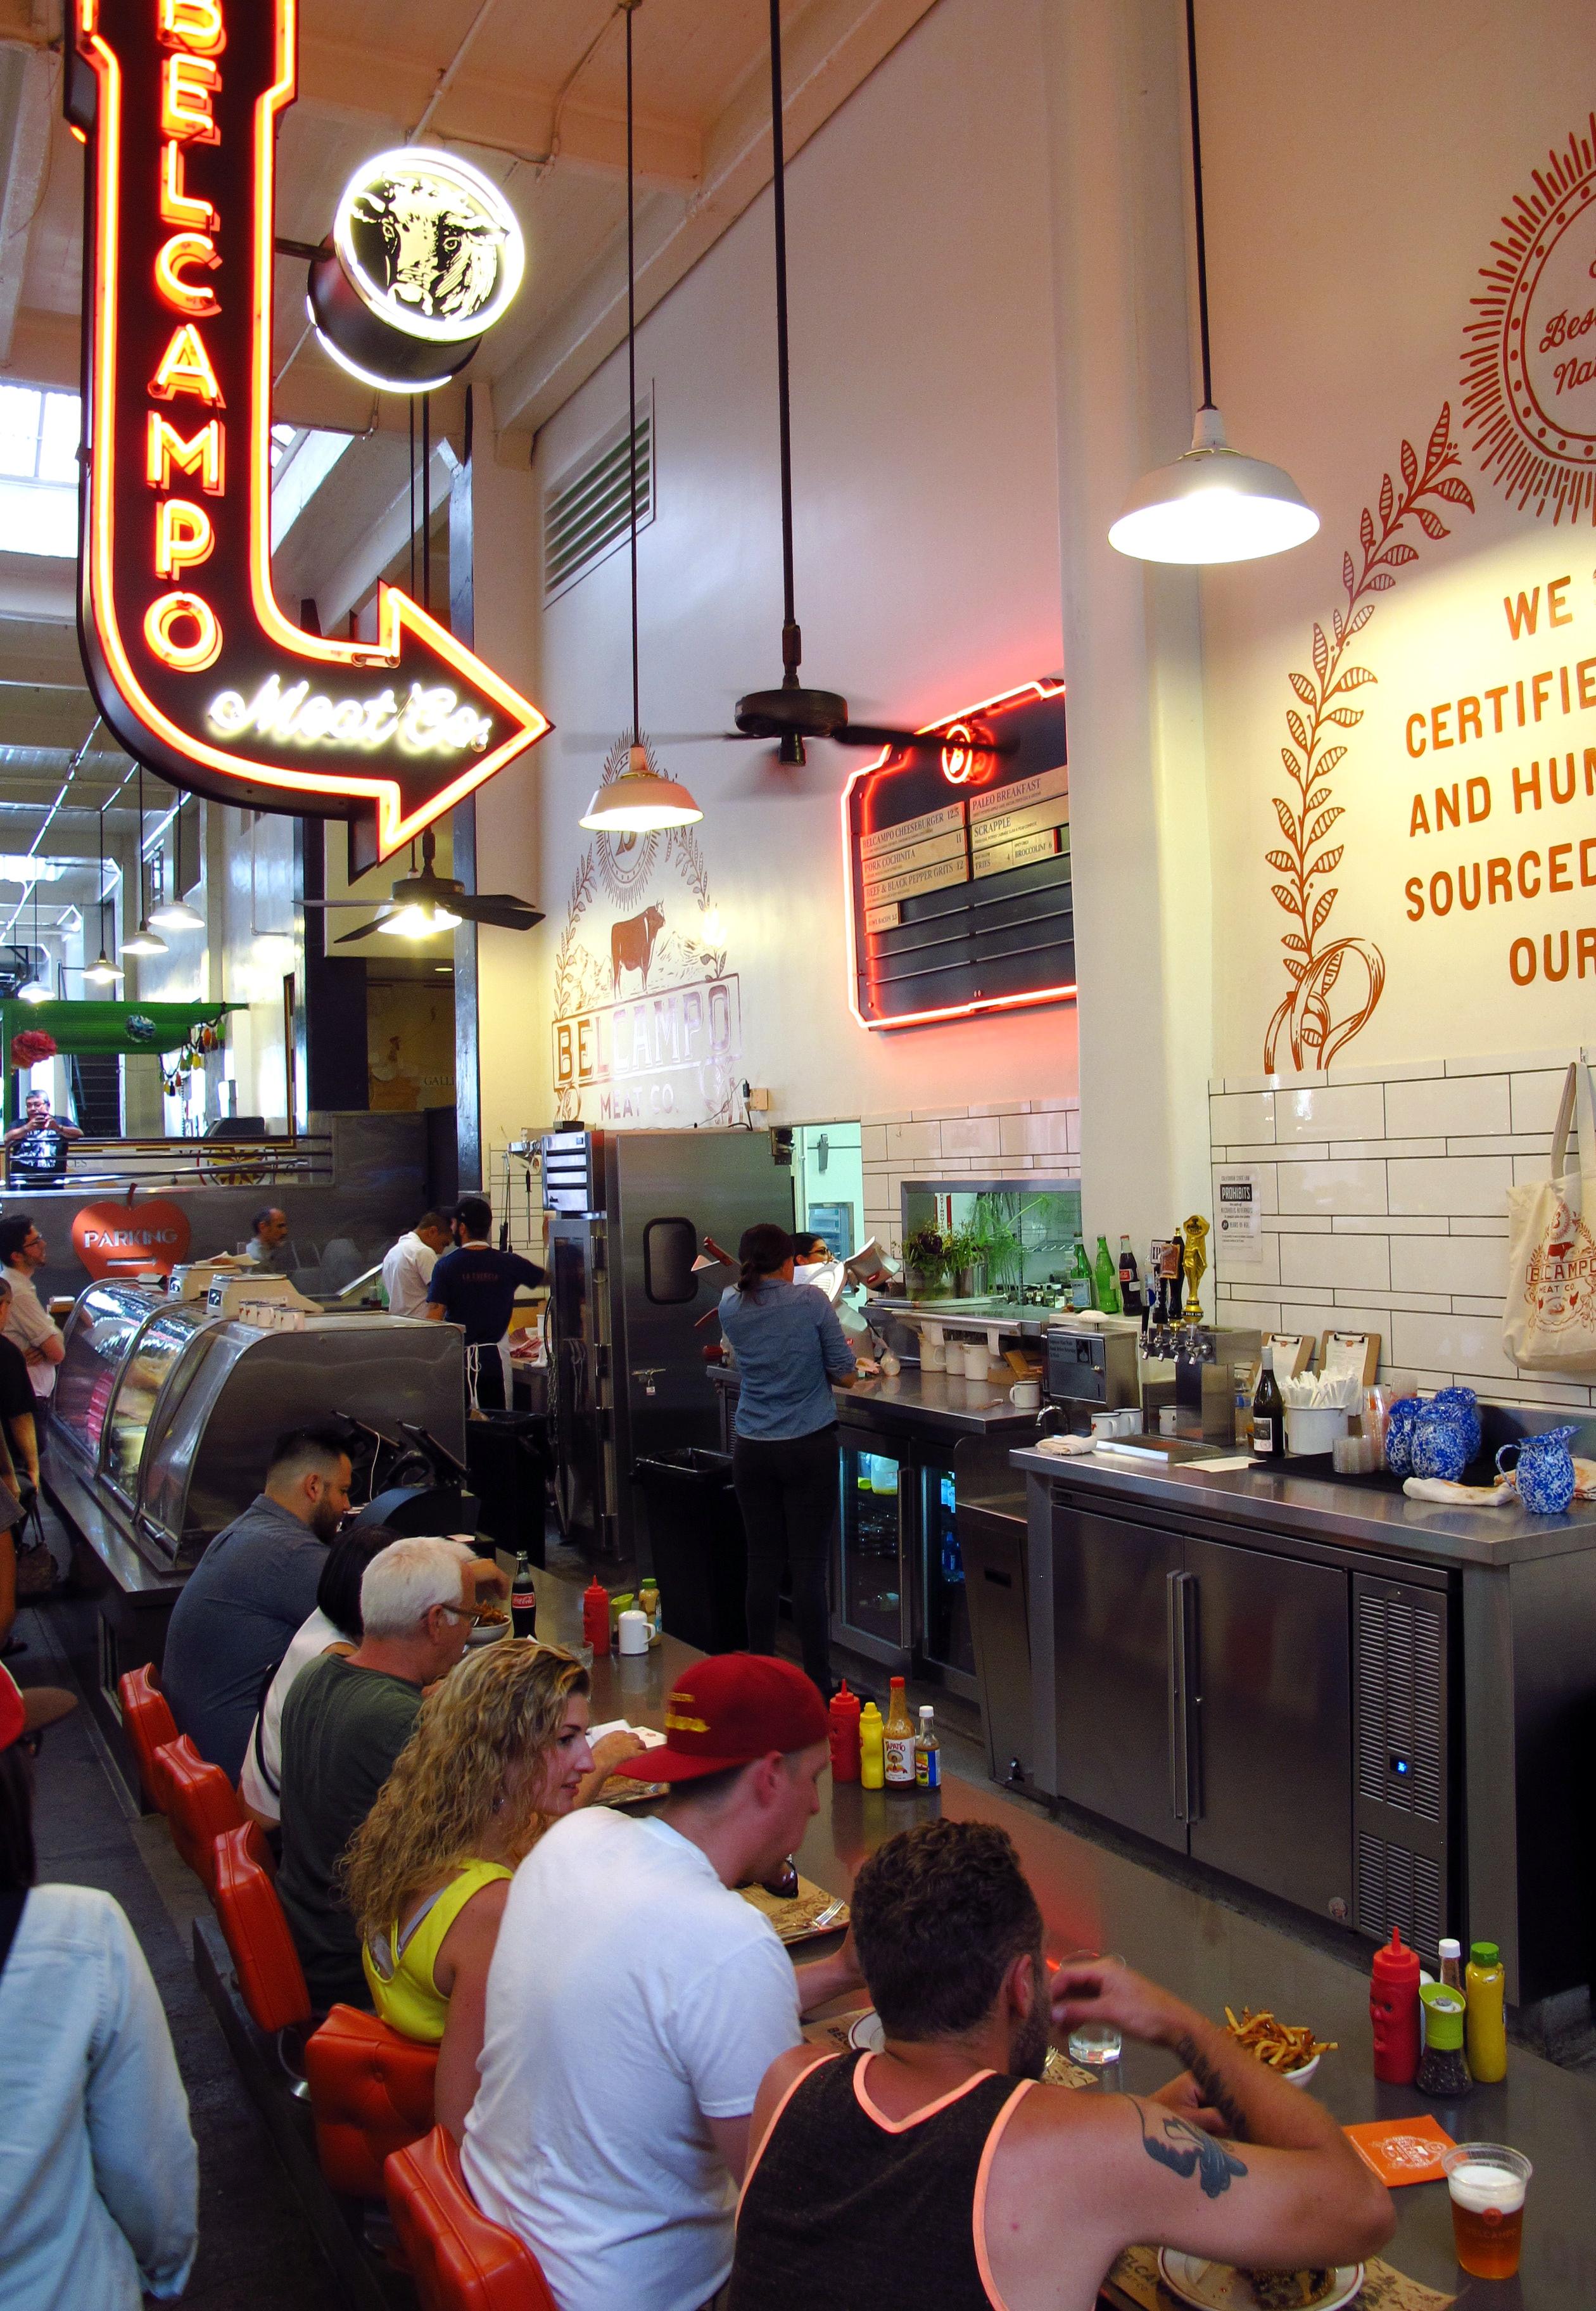 Bel Campo, Grand Central Market, LA